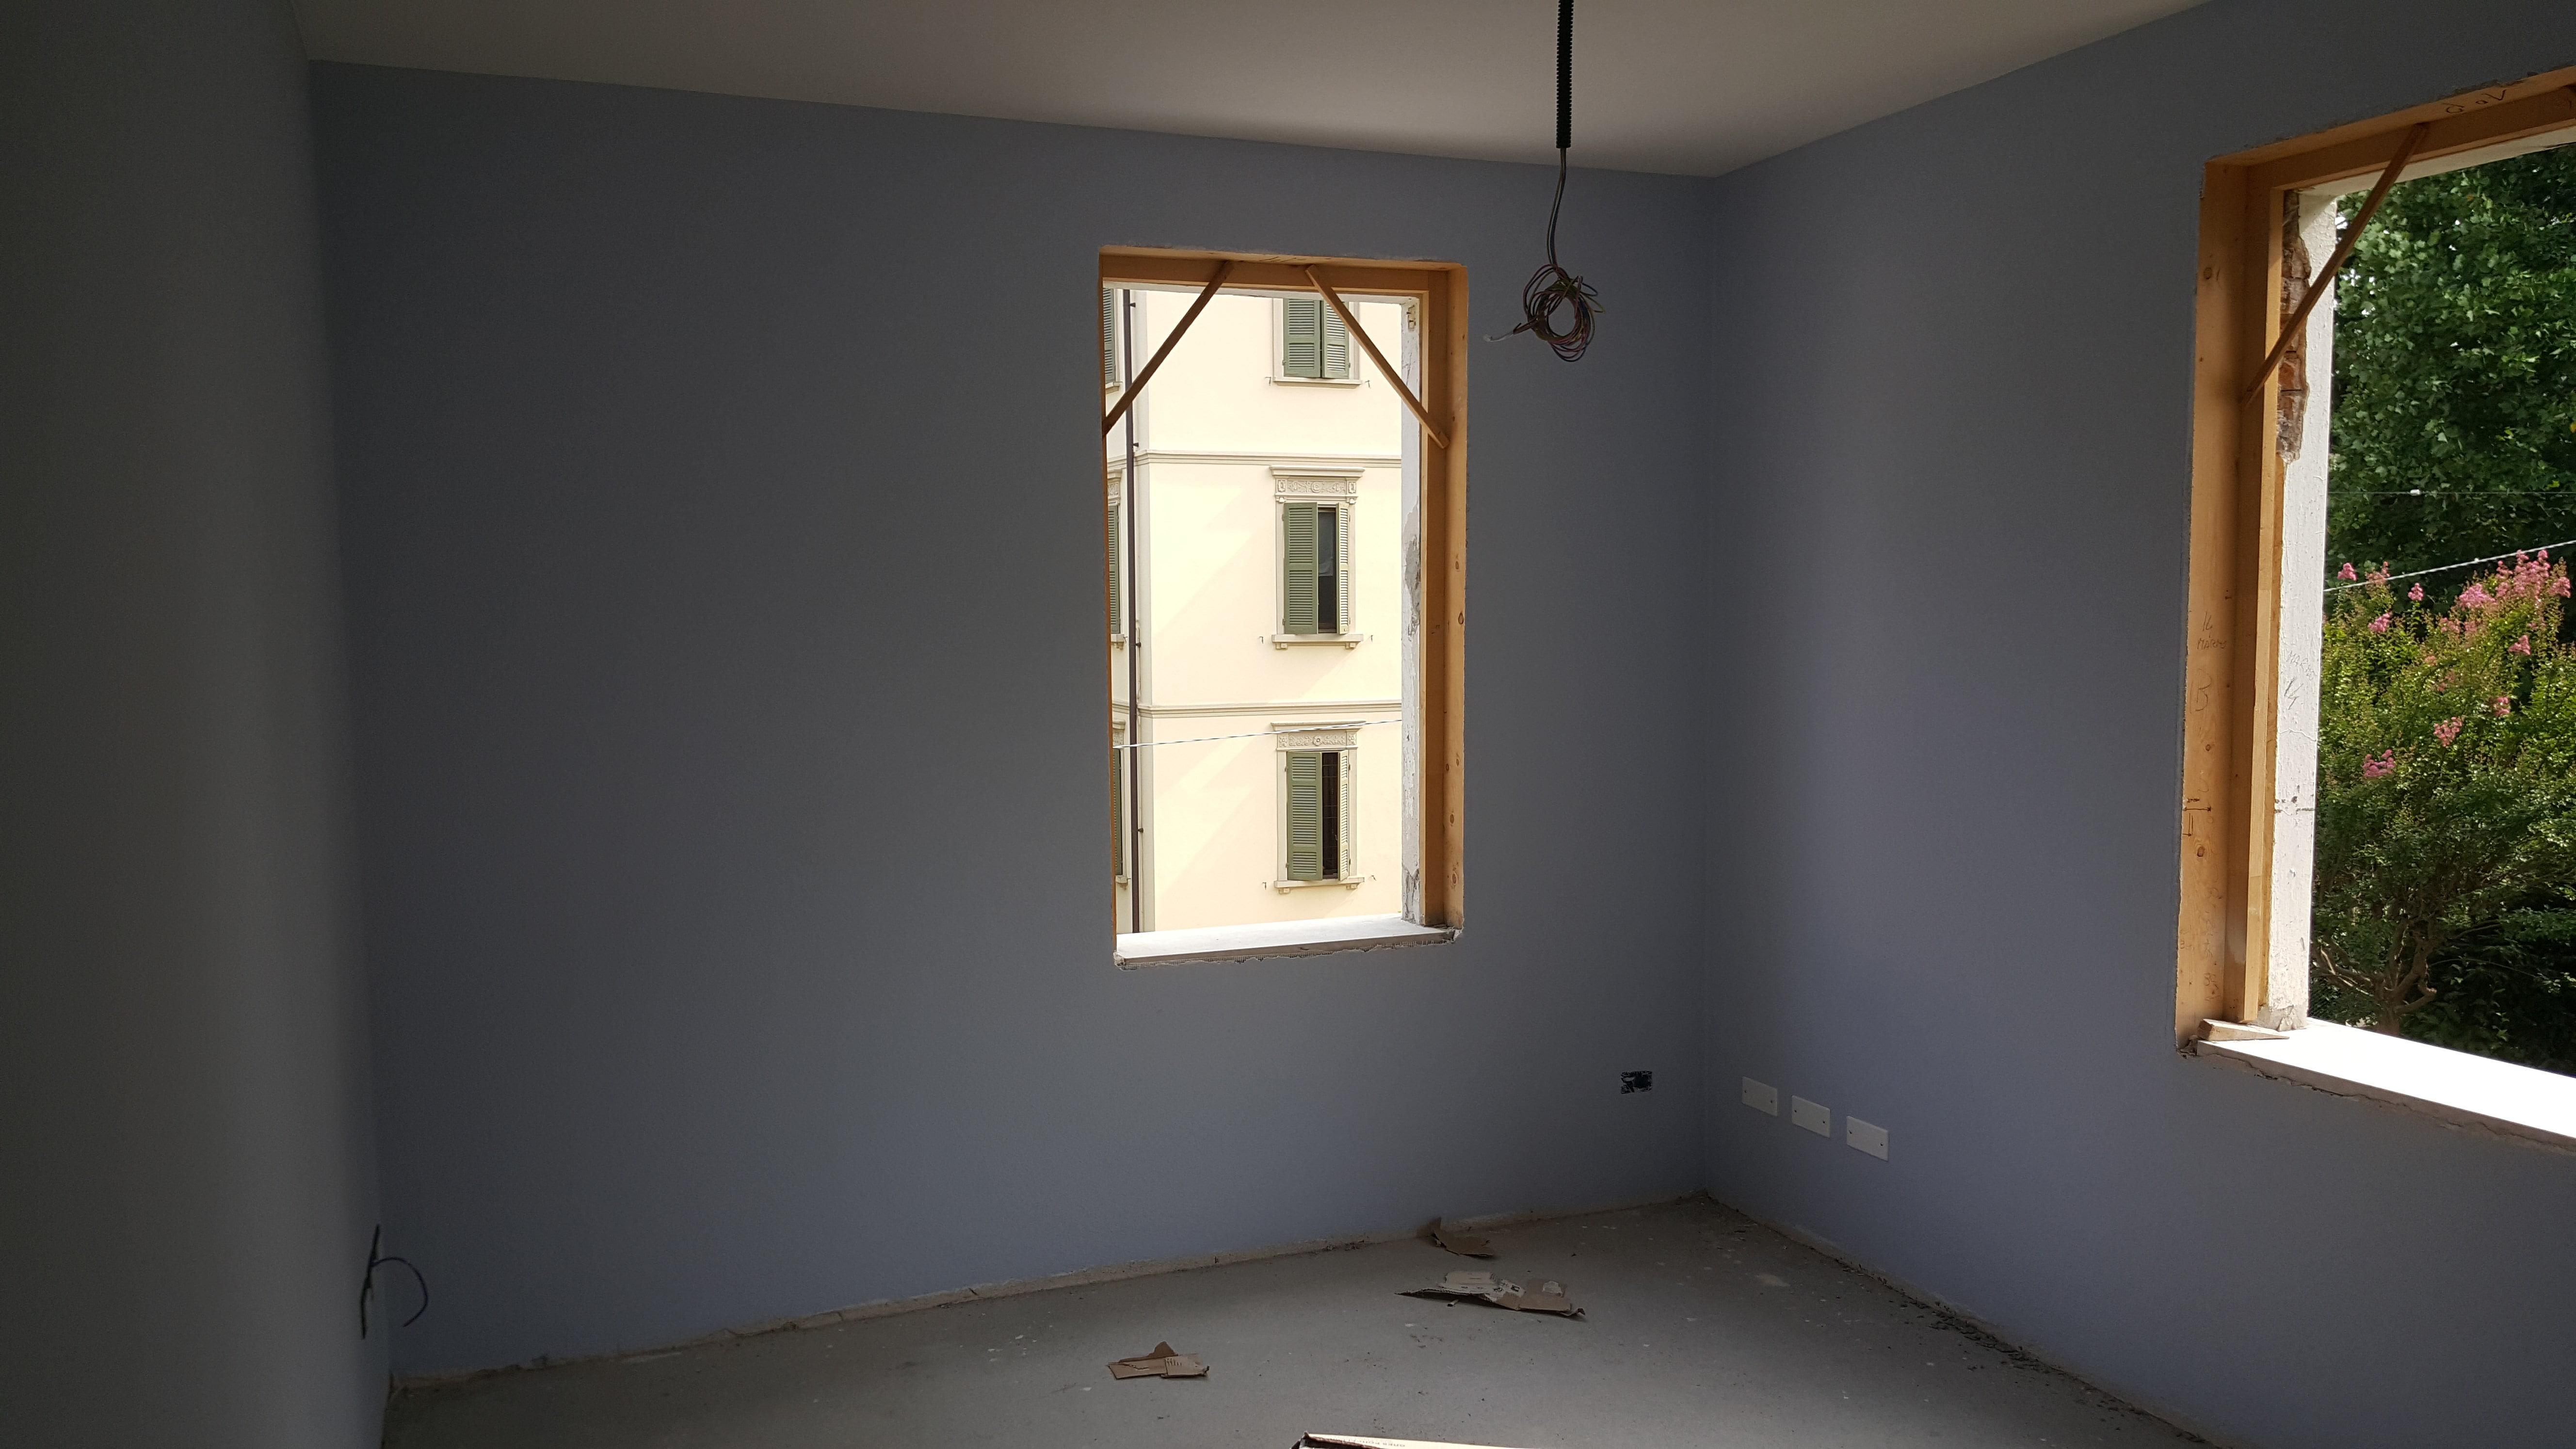 Ristrutturazione casa reggio emilia, camera 1